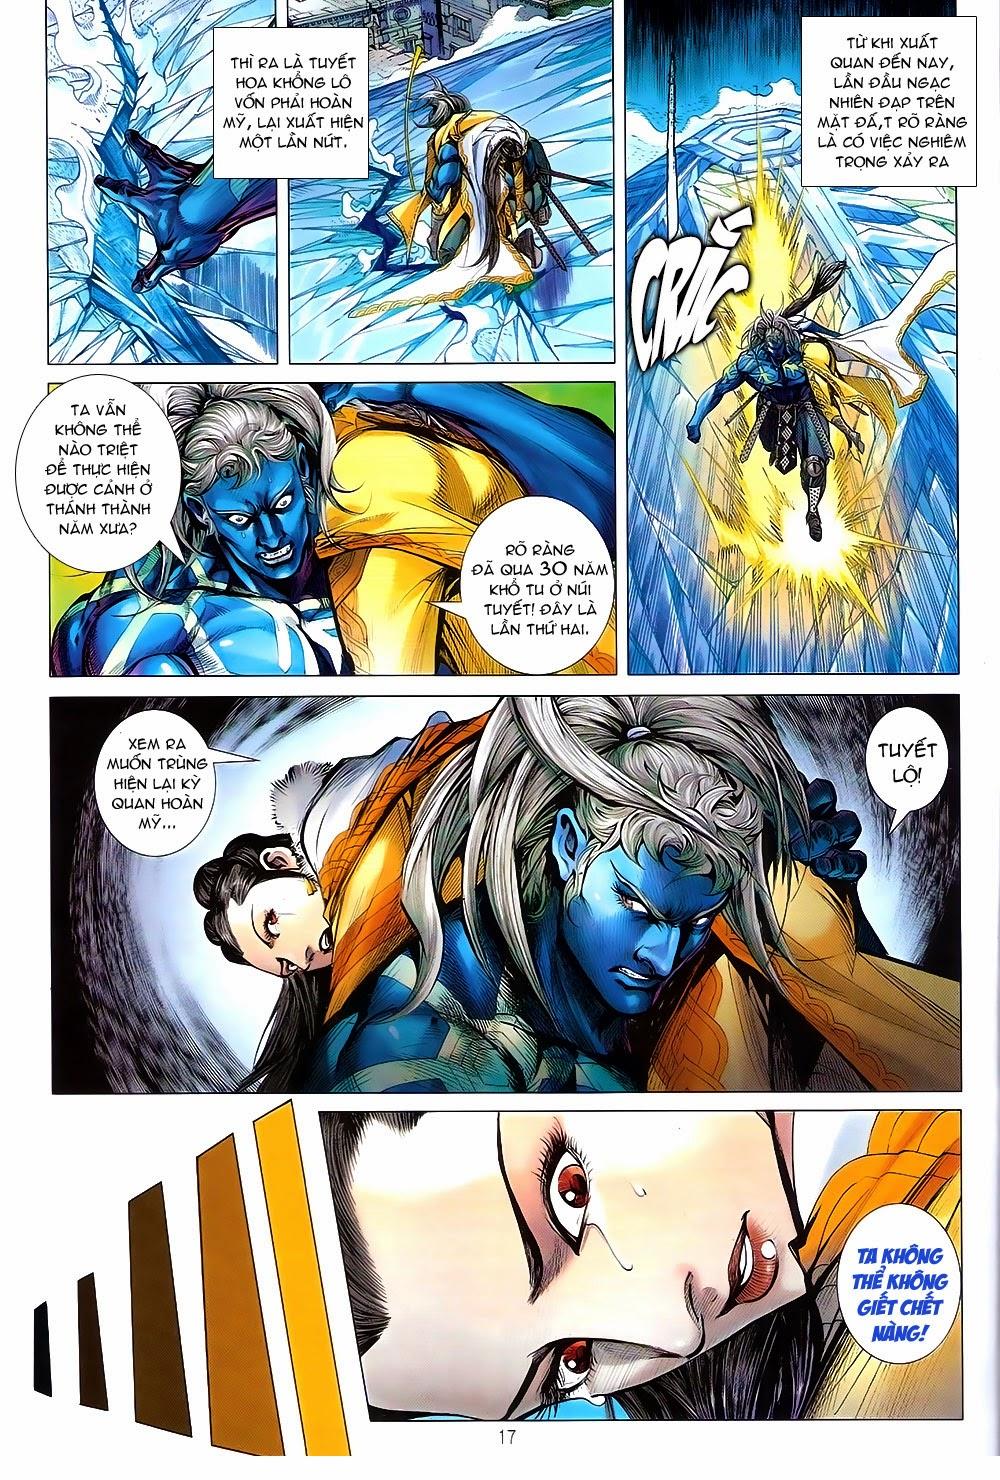 truyện tranh thiết tướng tung hoành Chapter 90/